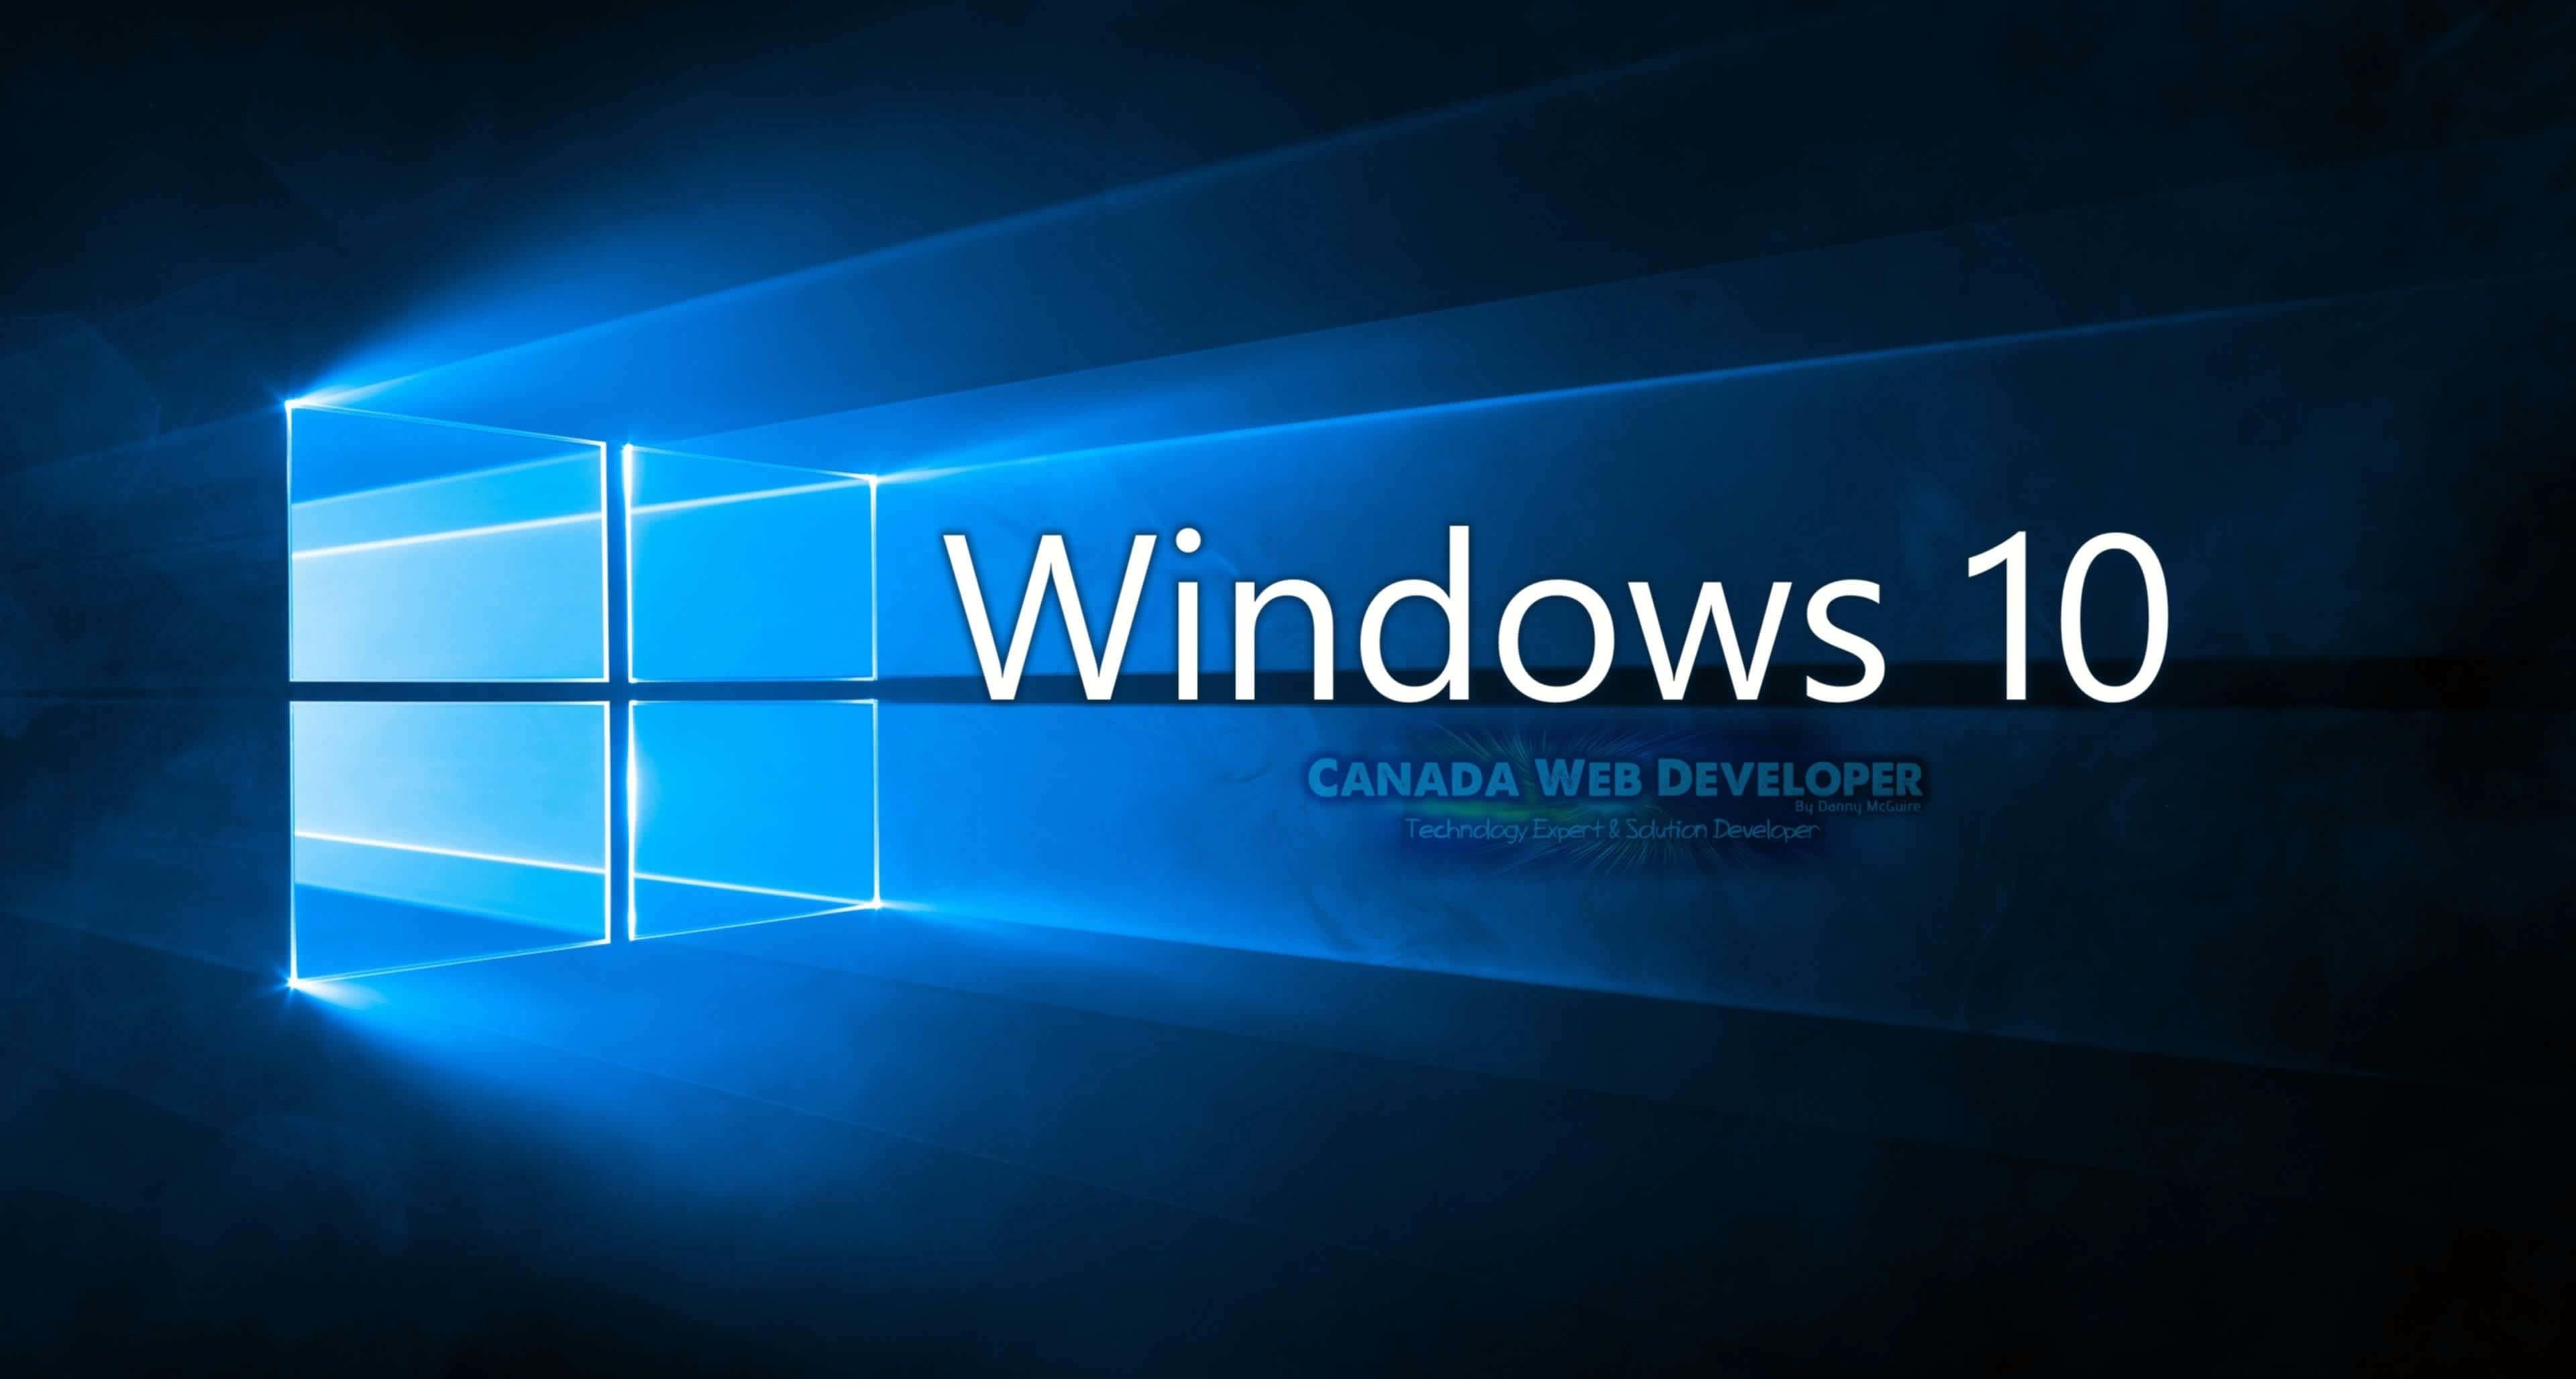 Top 10 Windows 10 HD Wallpapers for Desktop